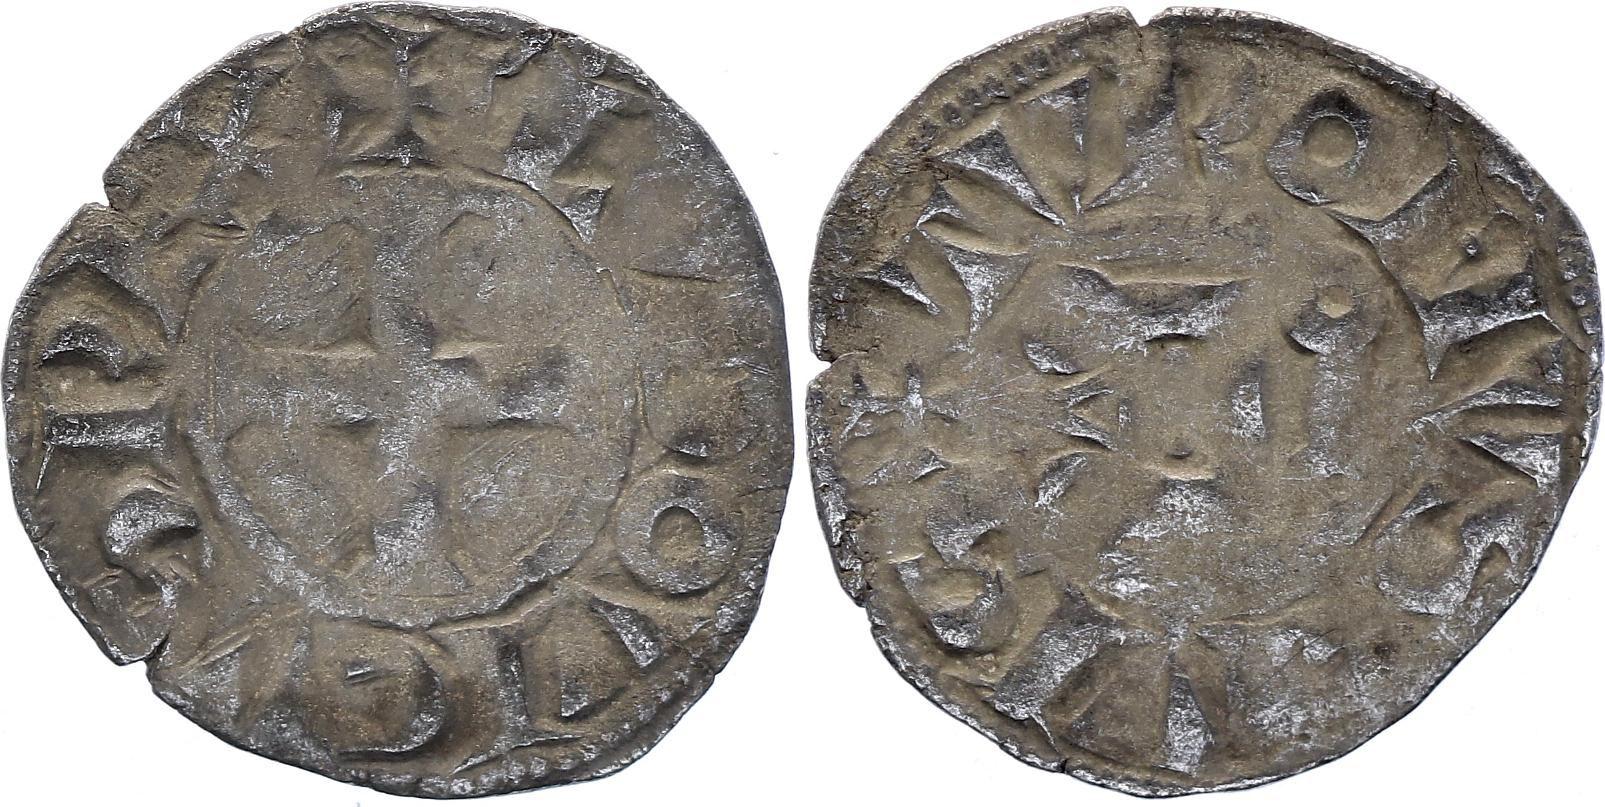 France Denier Tournois, Louis IX - Saint Louis (1223-1250) -